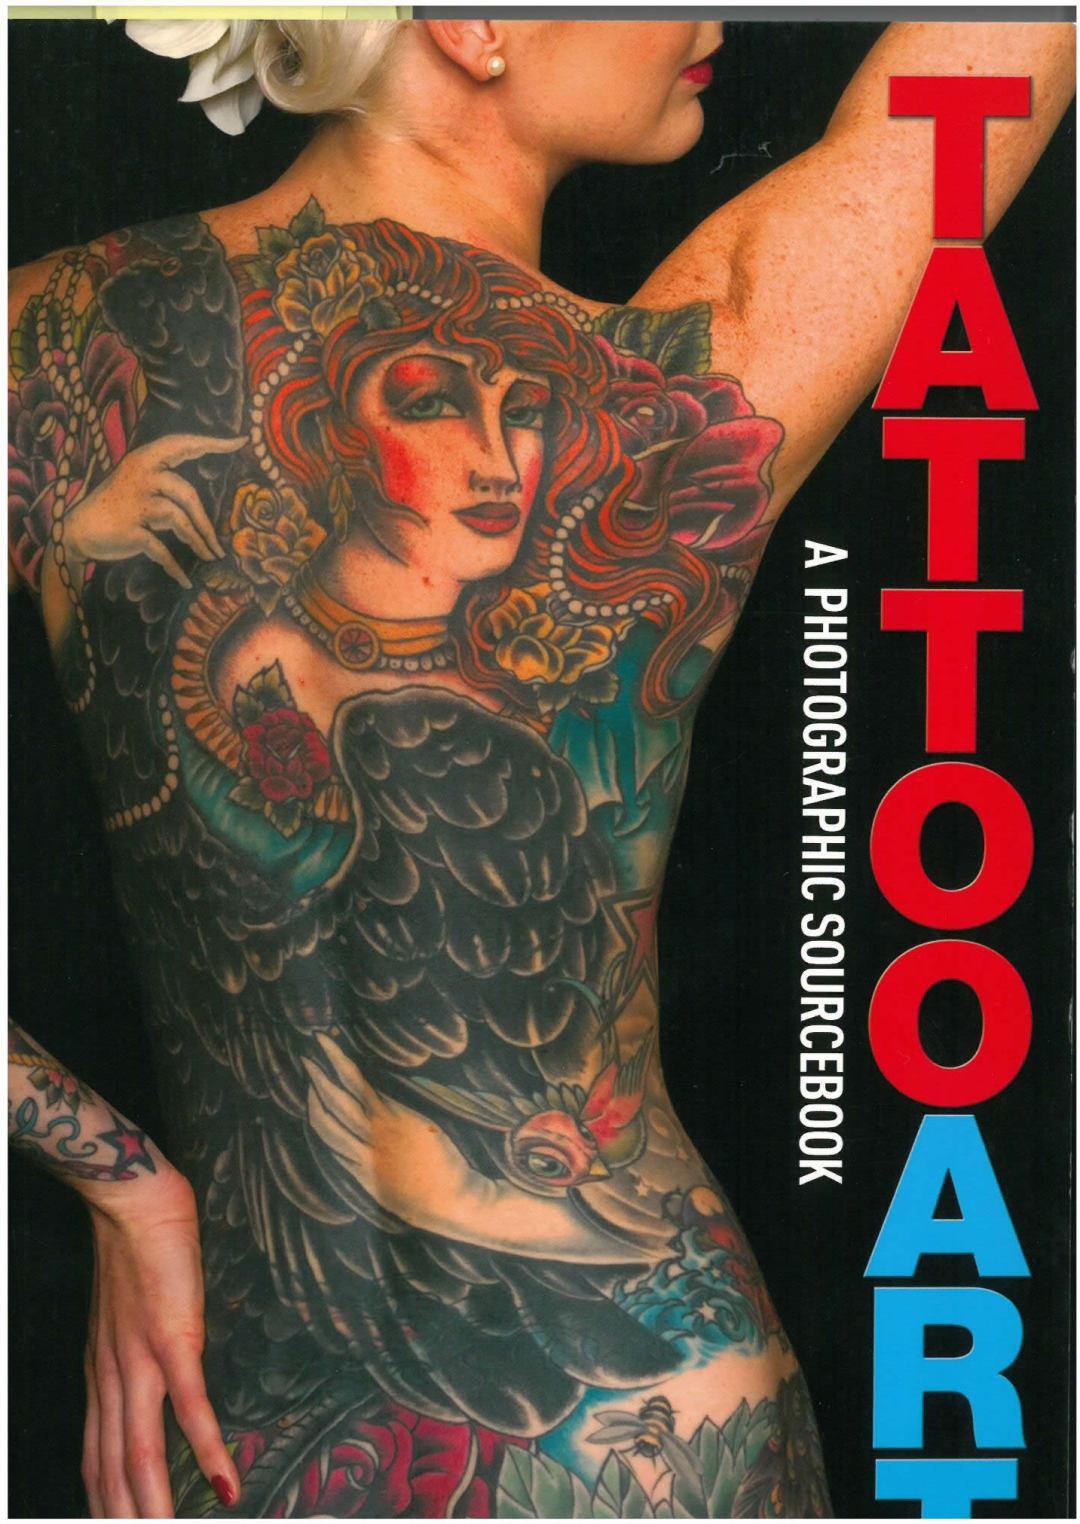 B�cher - Ver�ffentlichungen - TATTOO ART A PHOTOGRAPHIC SOURCEBOOK - 2012